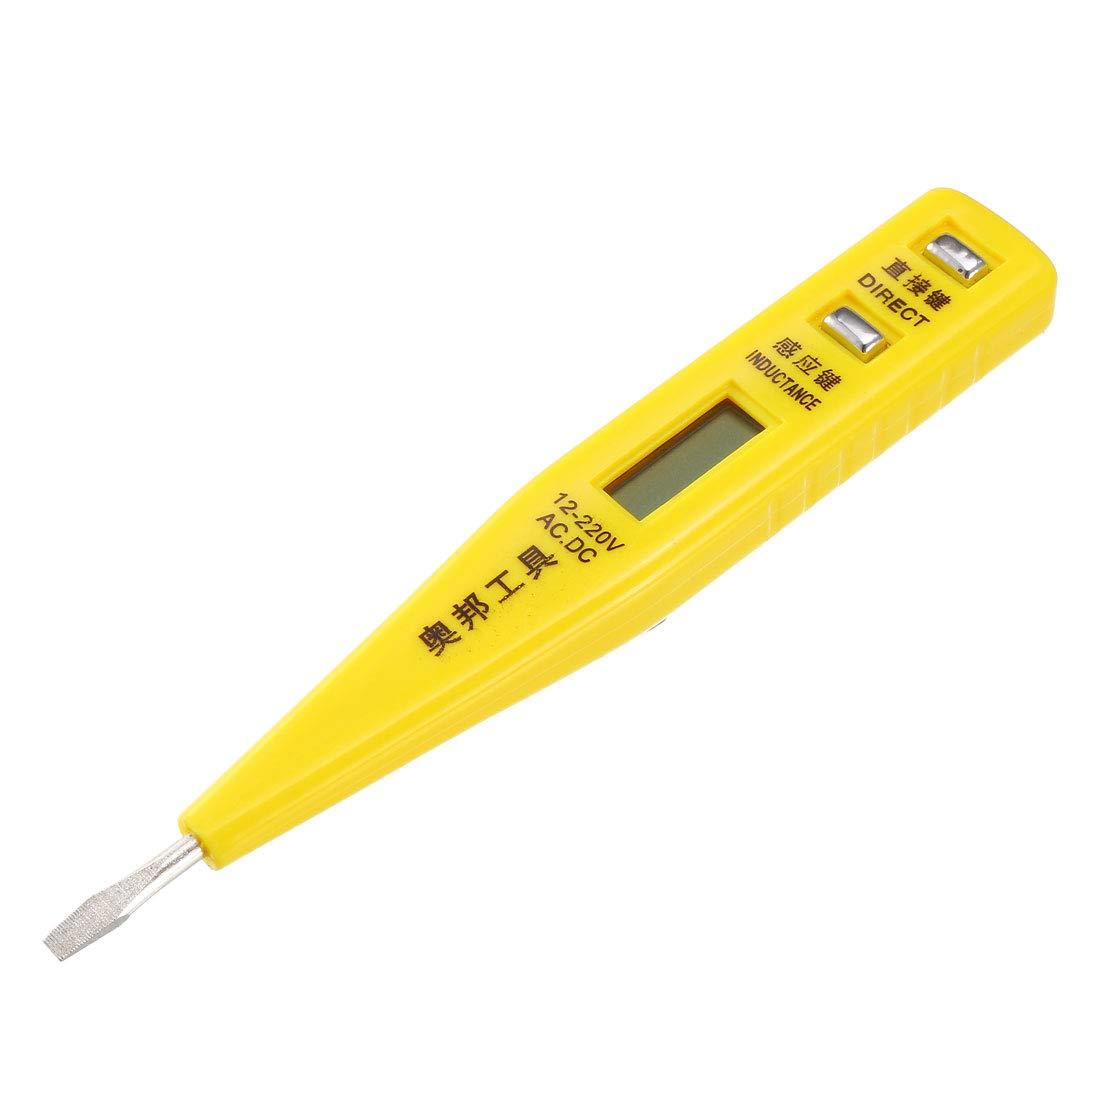 uxcell Car AC 110V Plastic Handle Voltage Detector Electric Screwdriver Tester Orange